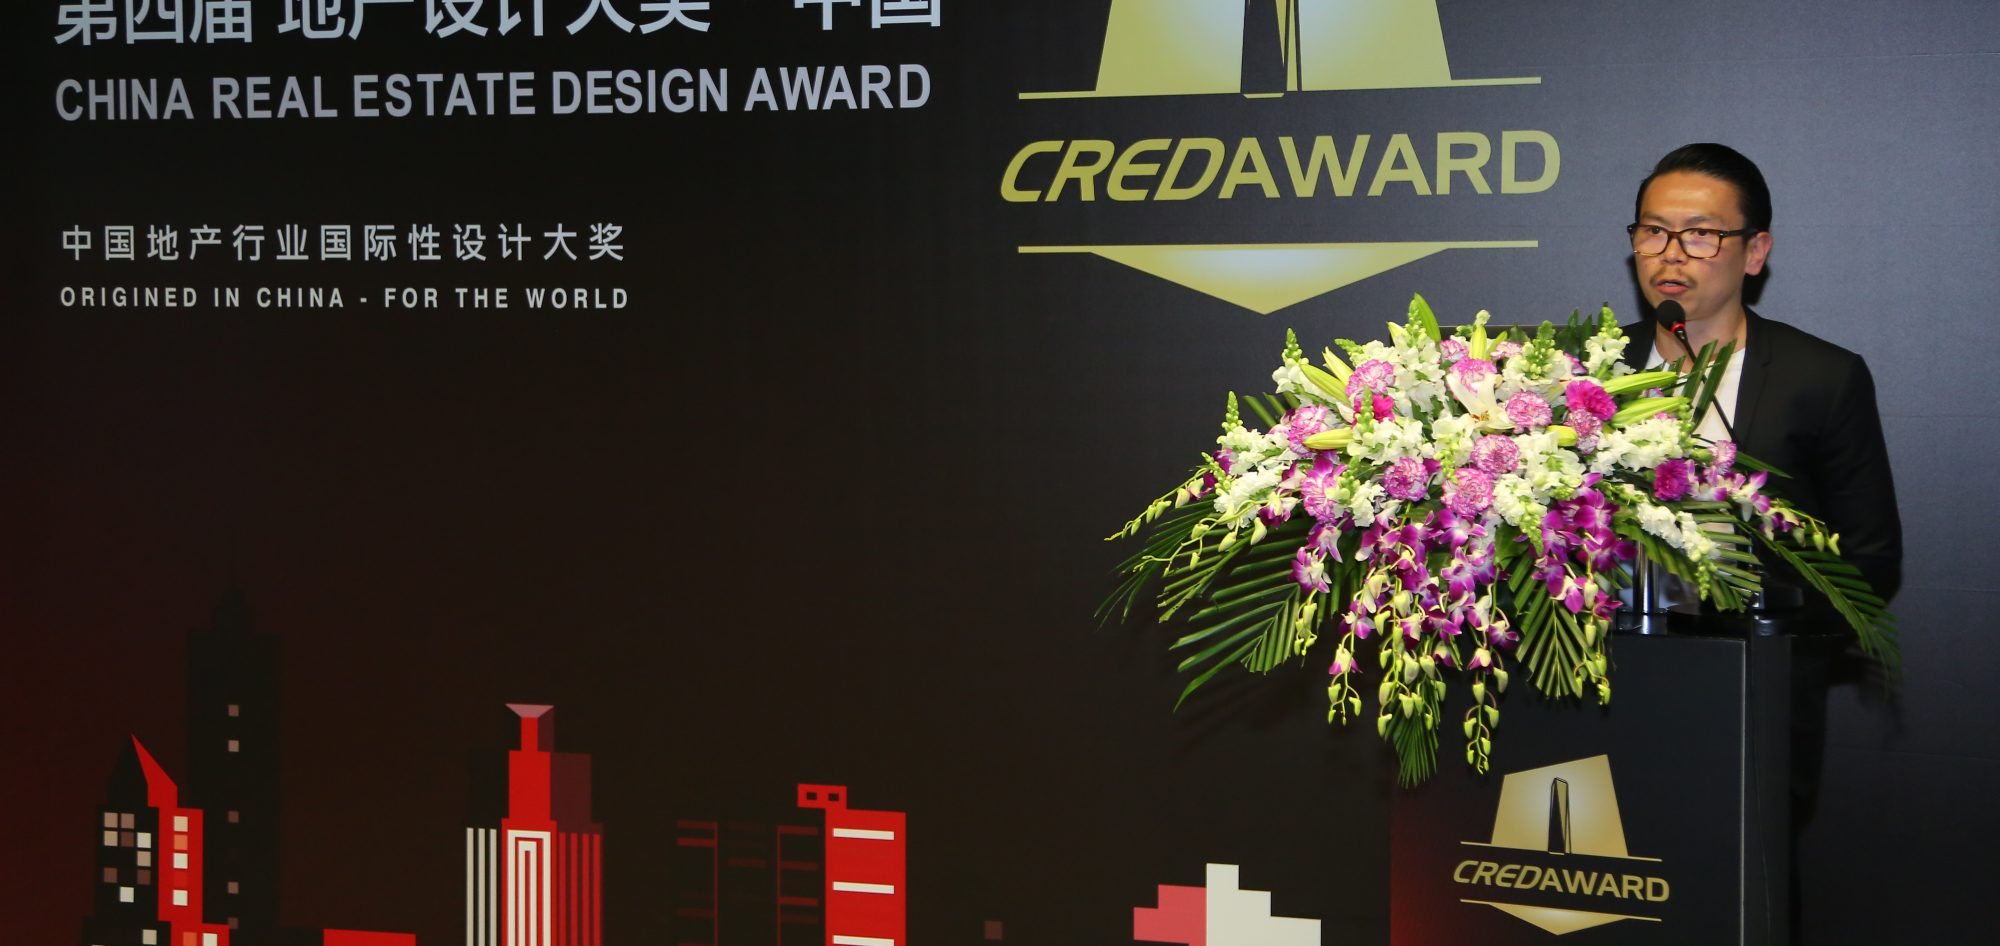 利安荣获CREDAWARD地产设计大奖